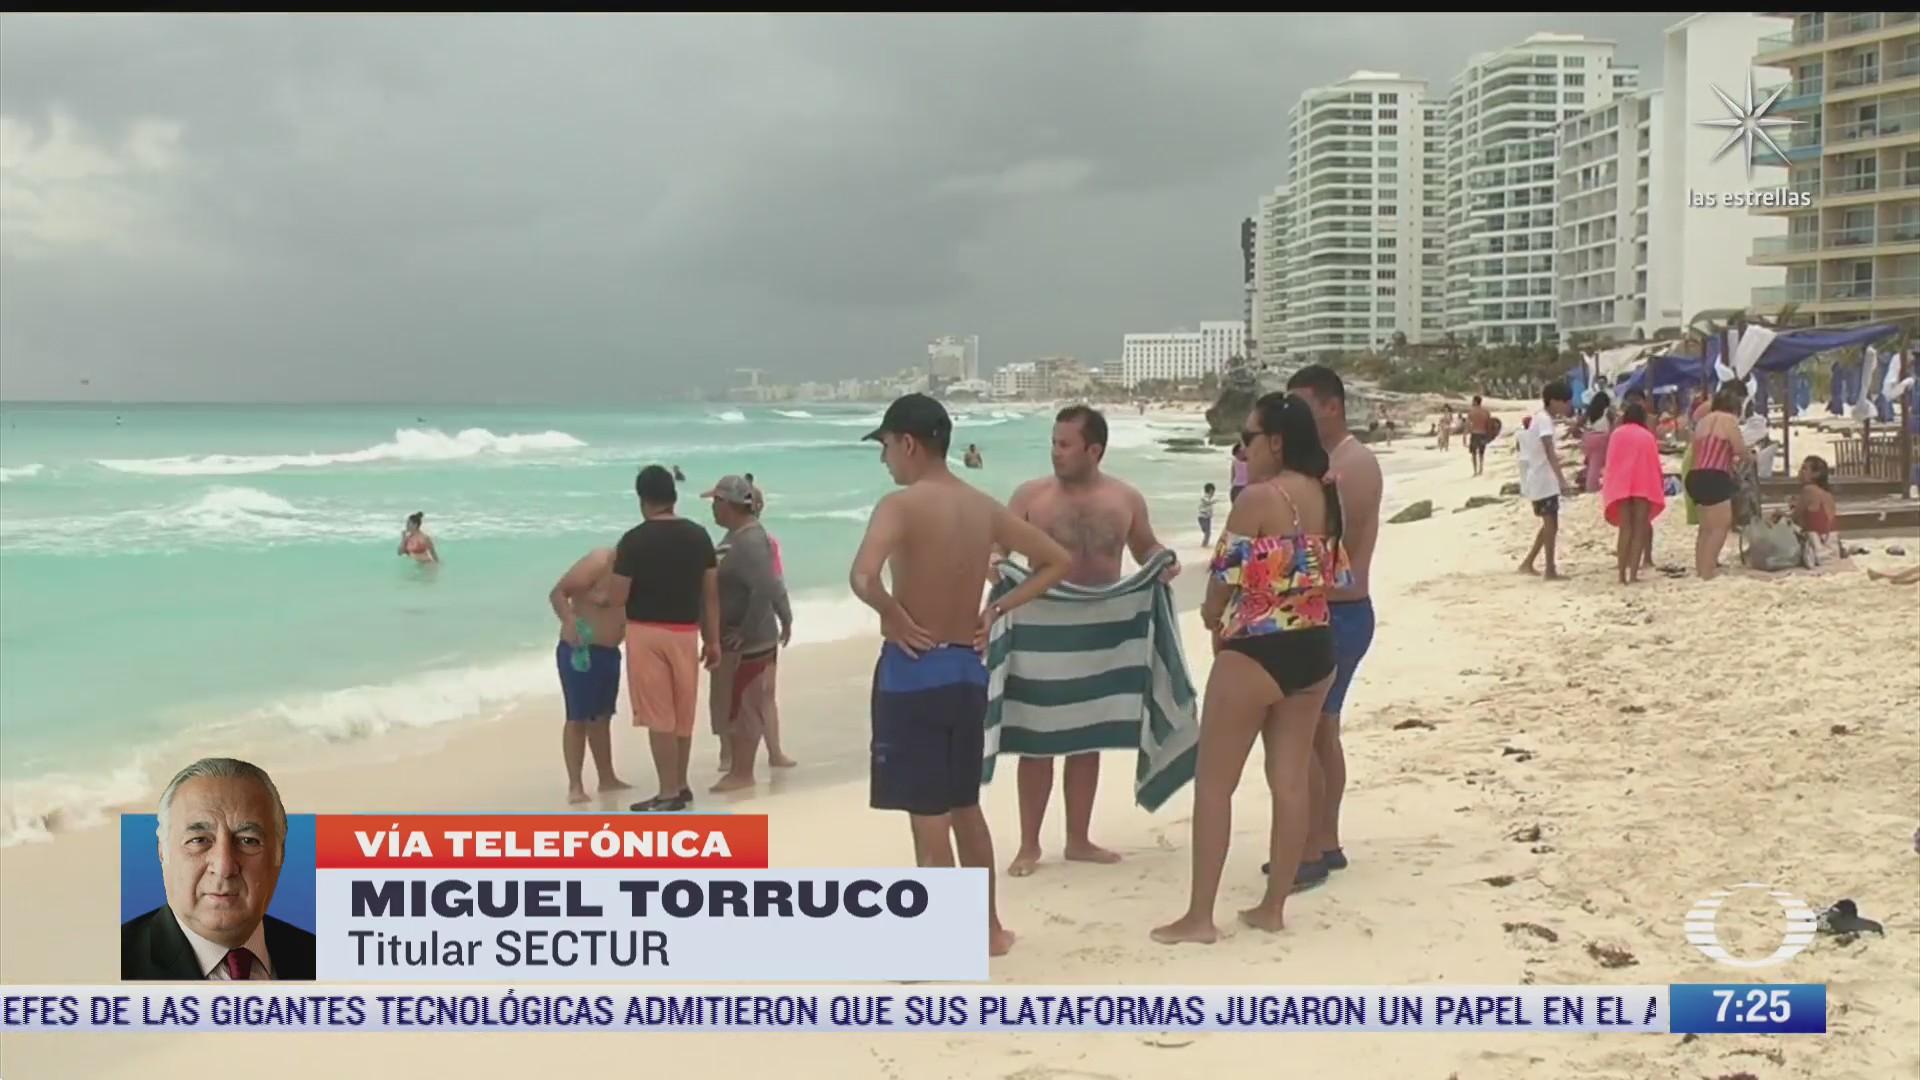 entrevista al secretario de turismo miguel torruco por las vacaciones de semana santa